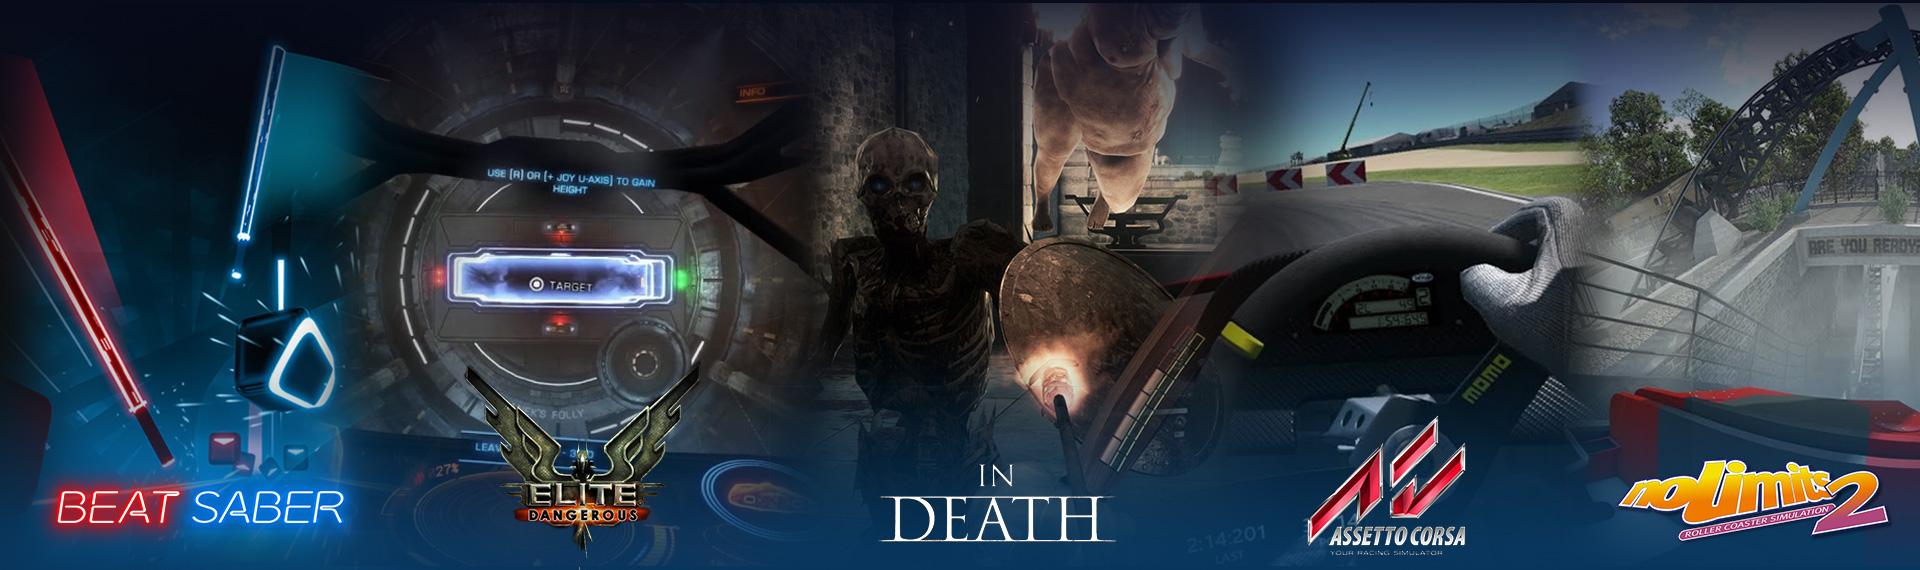 Pastikan Kamu Mencoba 5 Game VR Terbaik di PC Ini dan Rasakan Sensasinya!